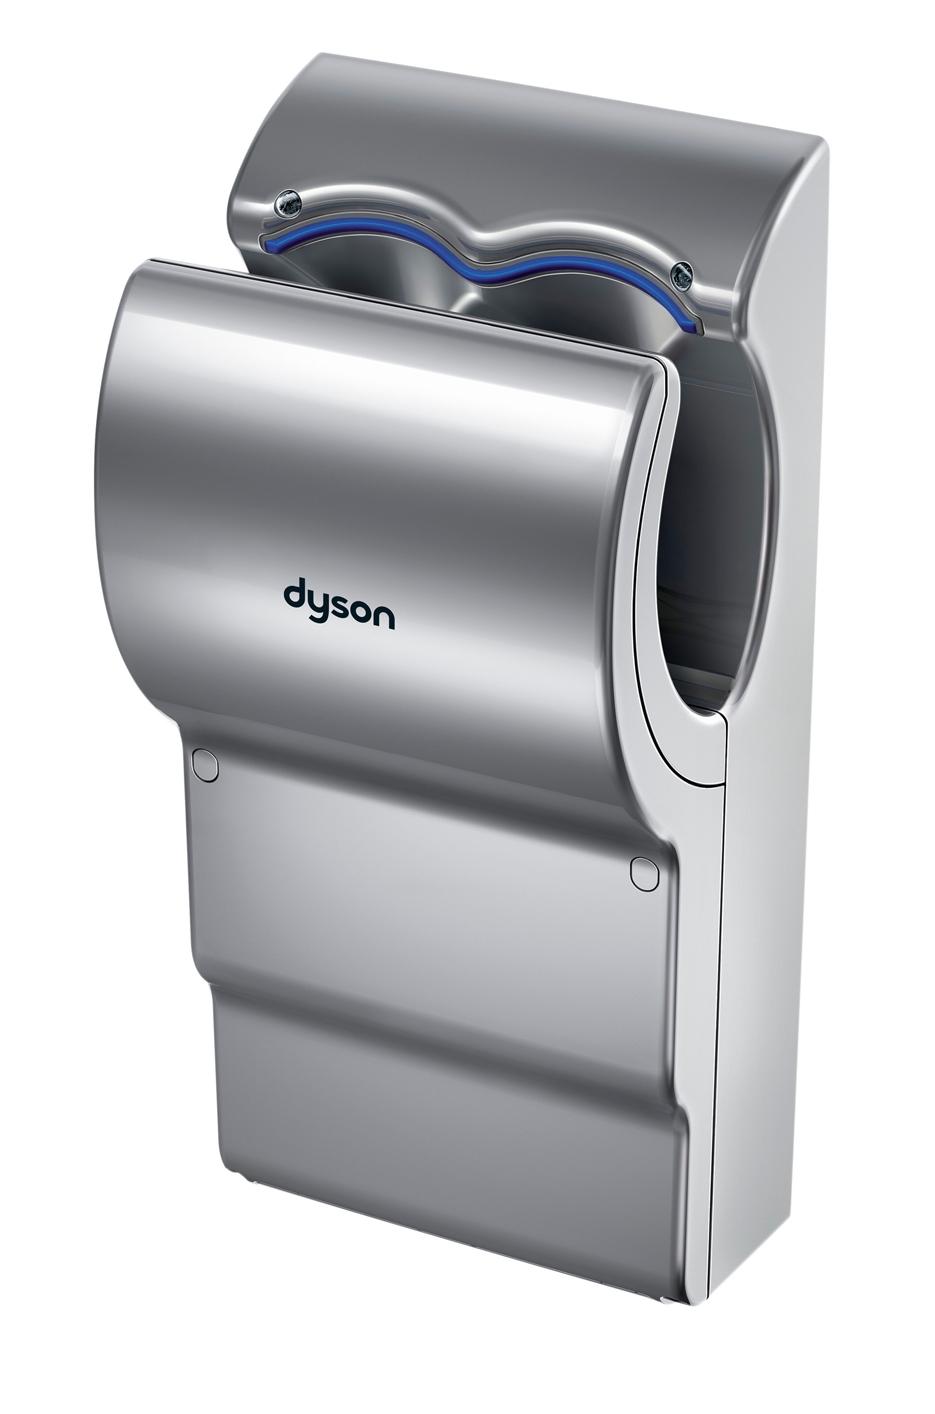 Скоростная сушилка для рук dyson airblade db dyson in finland